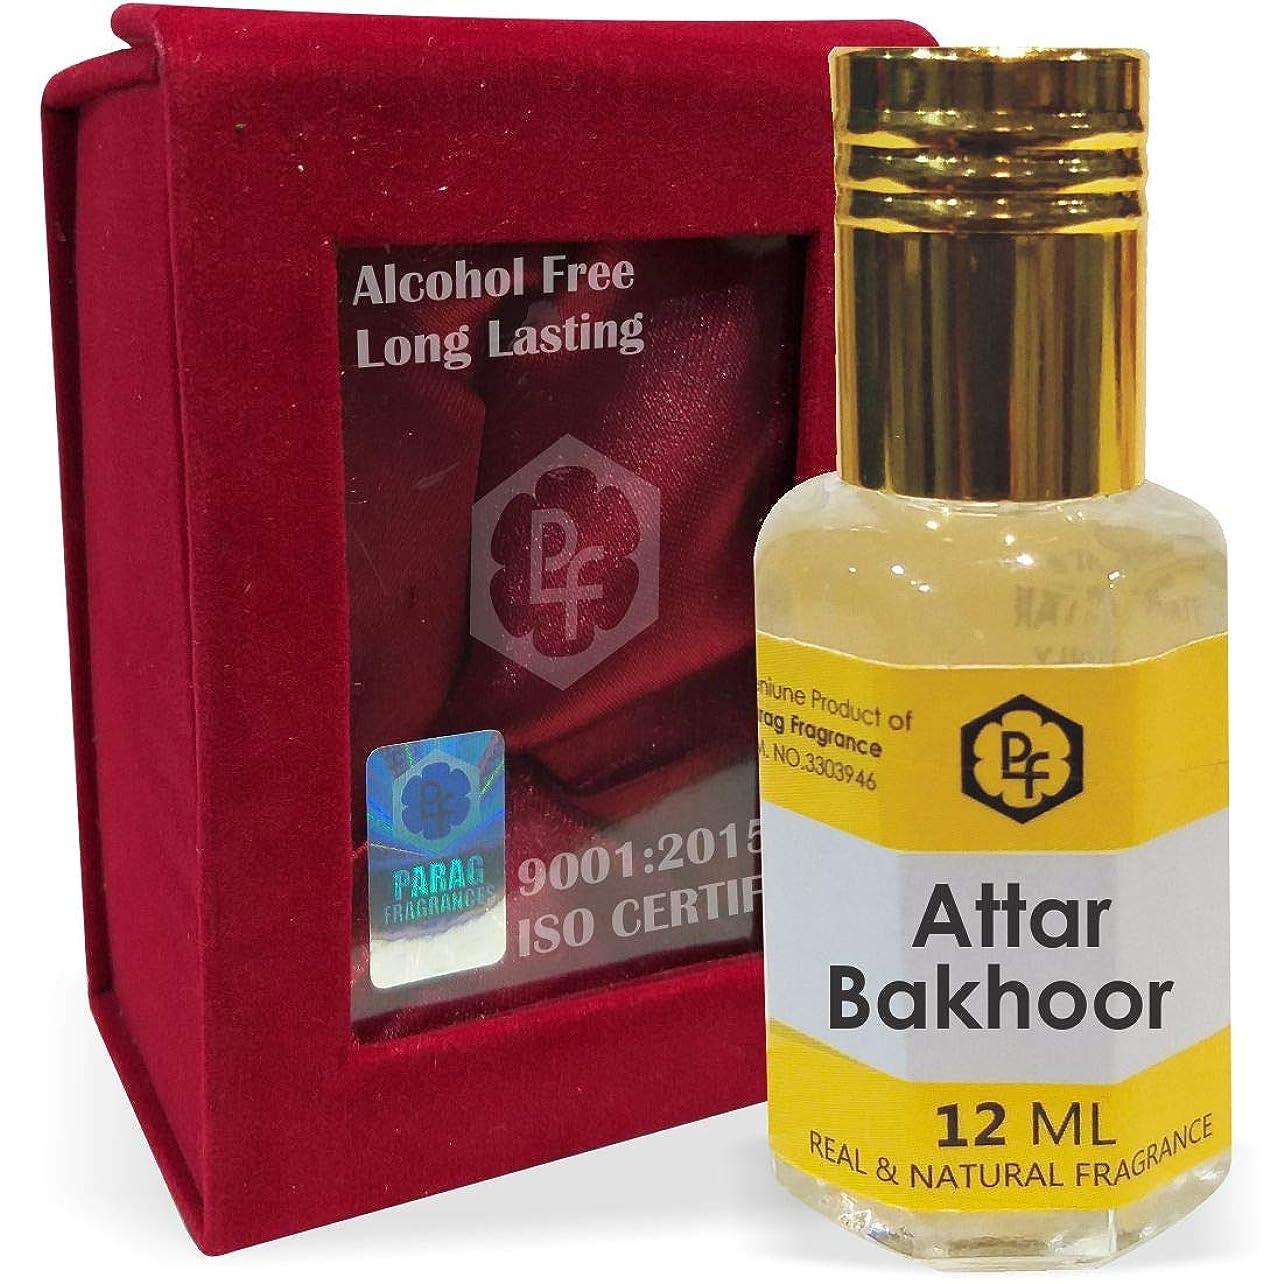 情熱インク帳面ParagフレグランスBakhoor手作りベルベットボックス12ミリリットルアター/香水(インドの伝統的なBhapka処理方法により、インド製)オイル/フレグランスオイル|長持ちアターITRA最高の品質